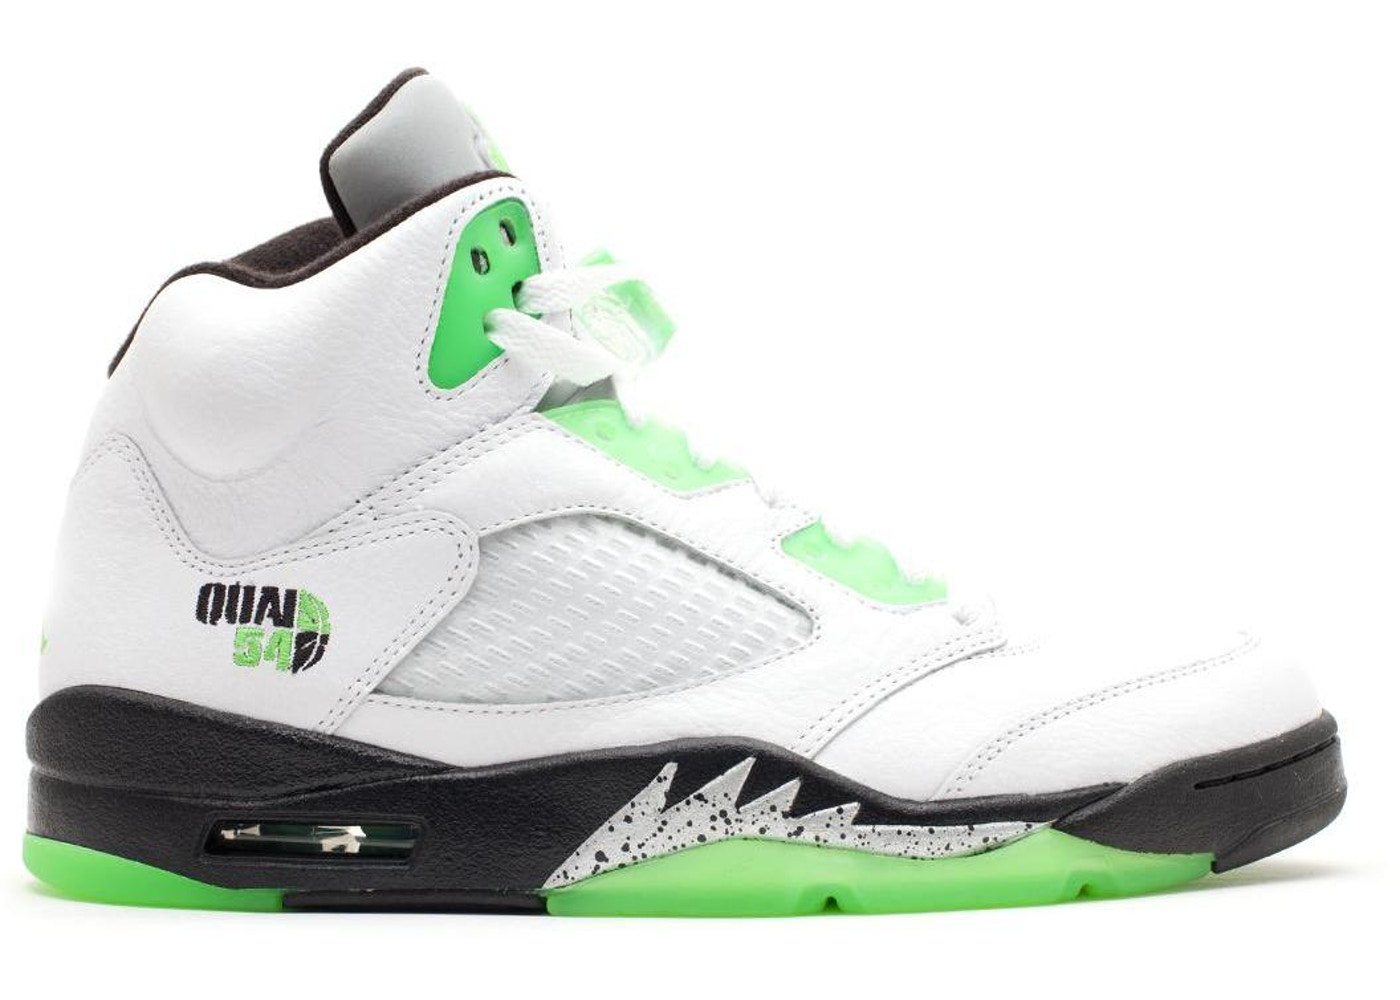 Jordan 5 Retro Quai 54 White - 467827-105 6b9a5f6e7682